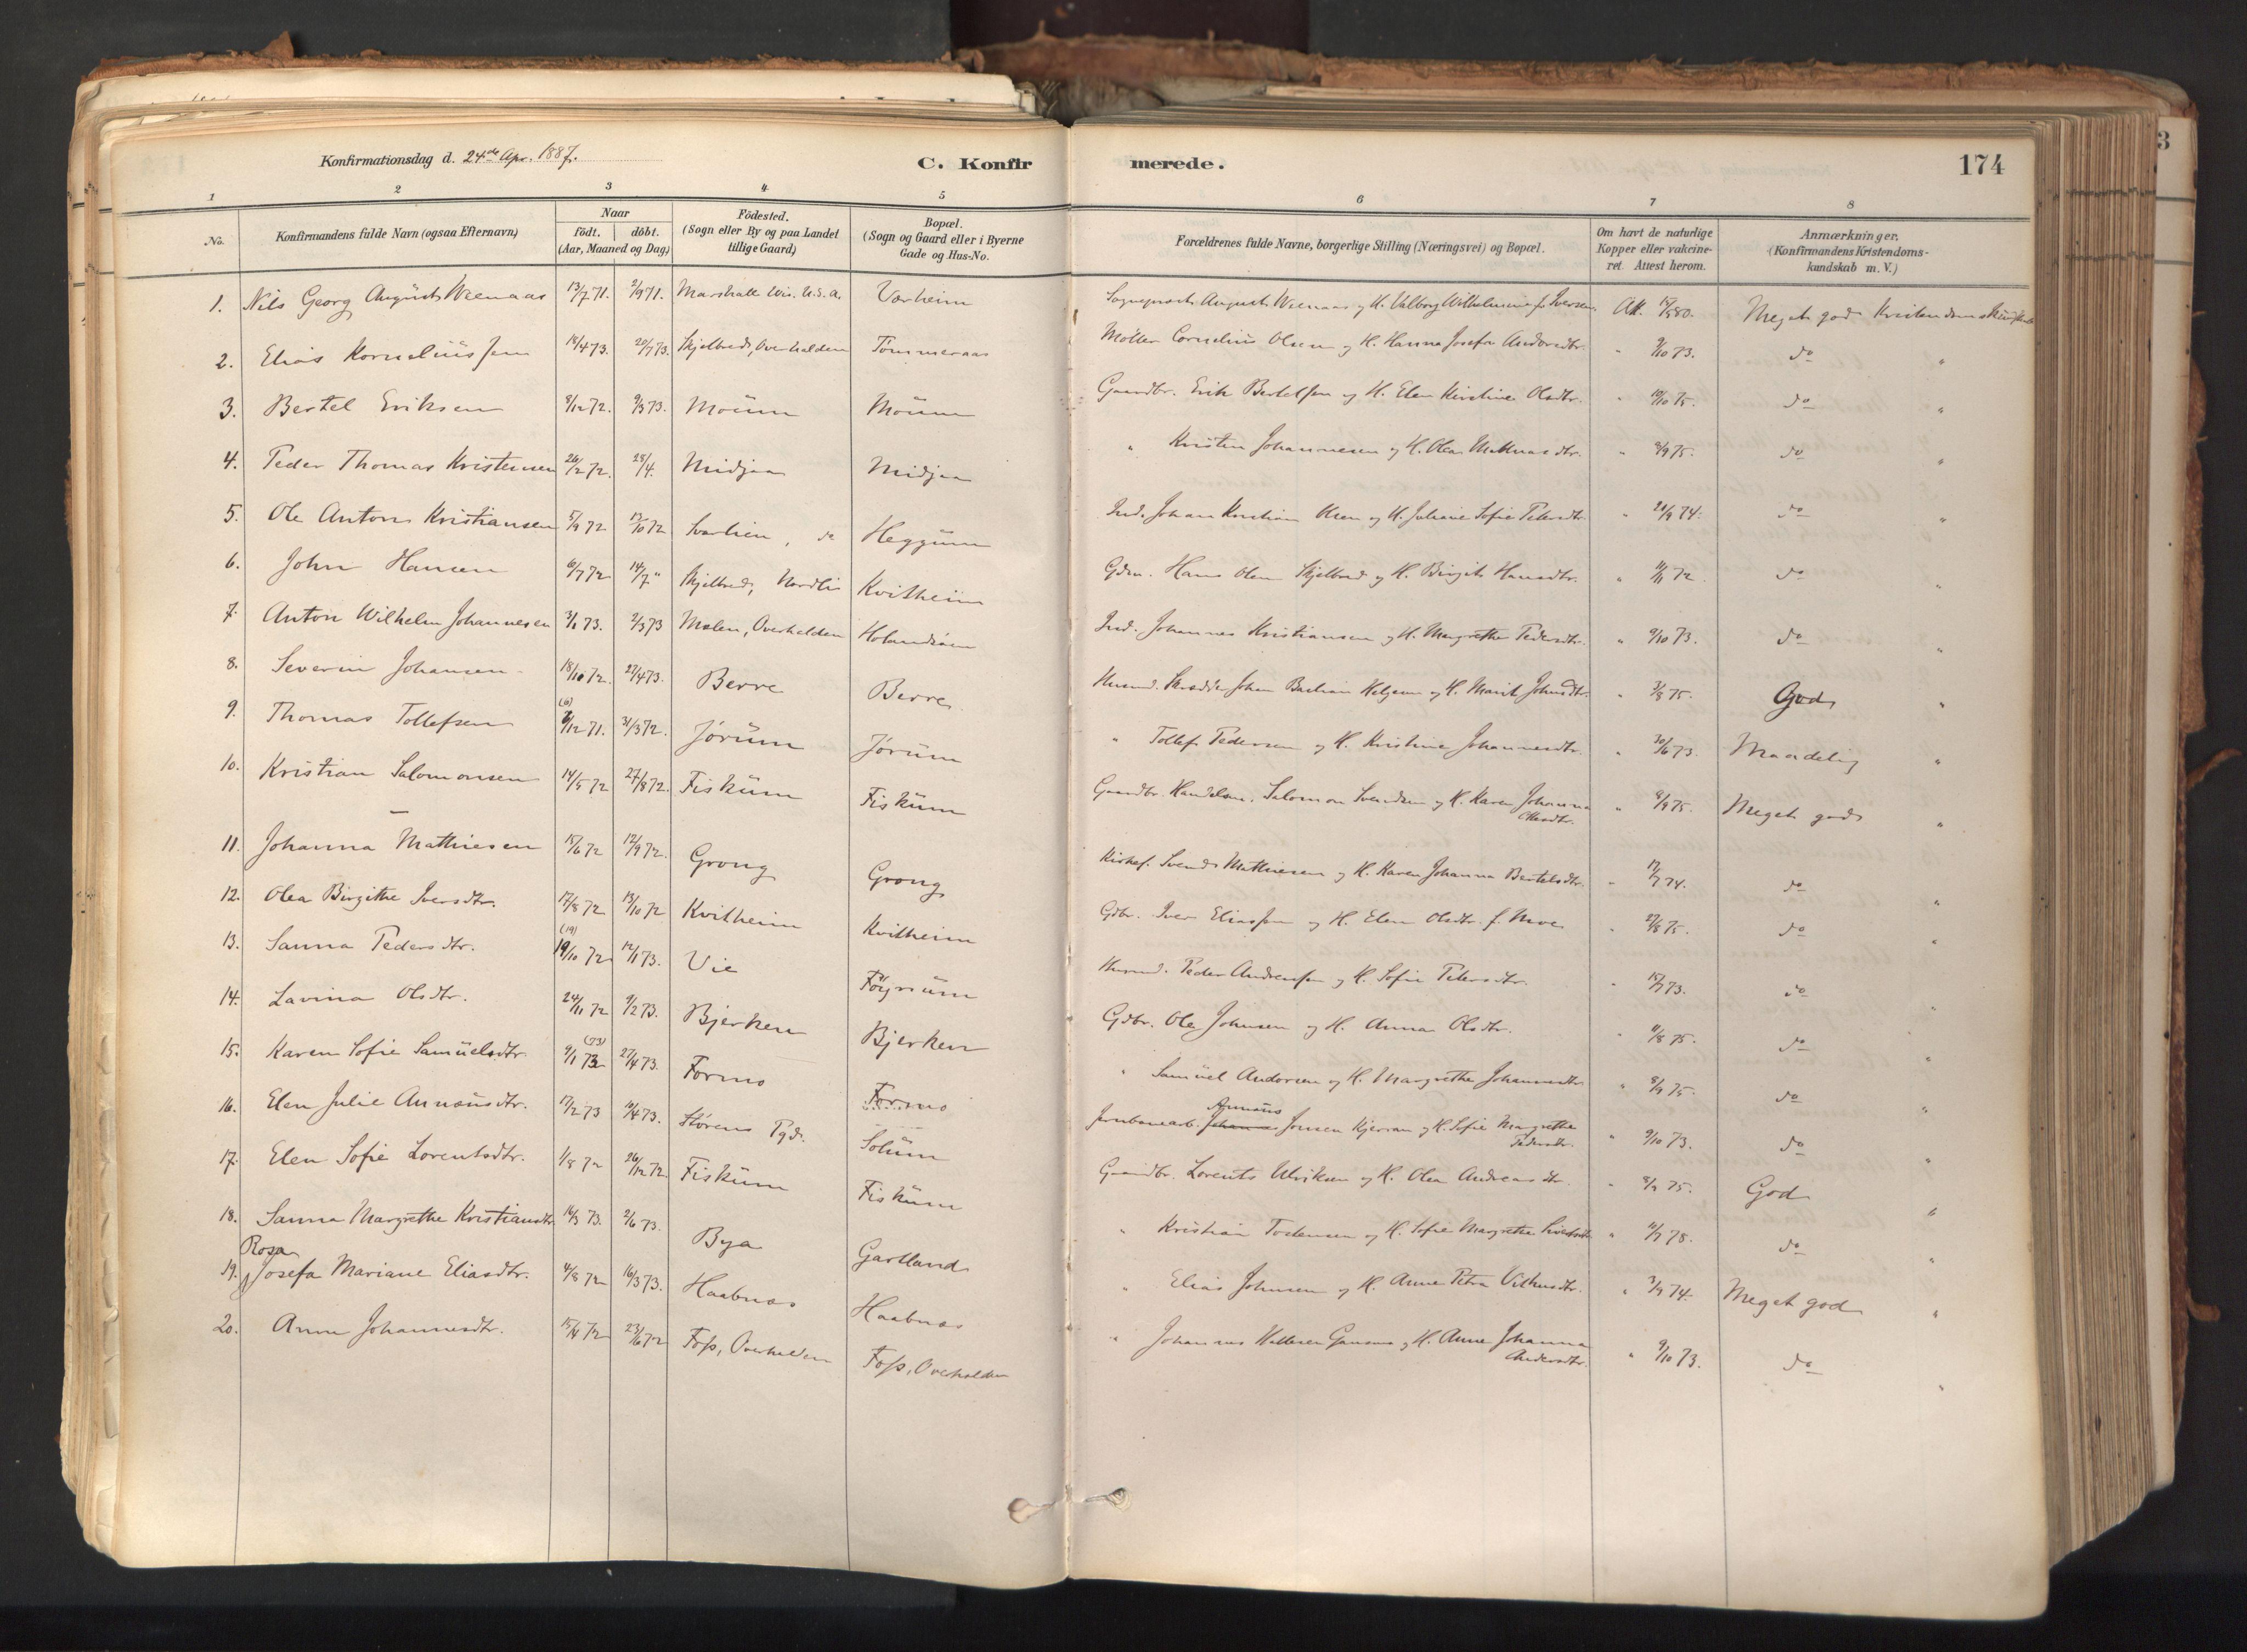 SAT, Ministerialprotokoller, klokkerbøker og fødselsregistre - Nord-Trøndelag, 758/L0519: Ministerialbok nr. 758A04, 1880-1926, s. 174